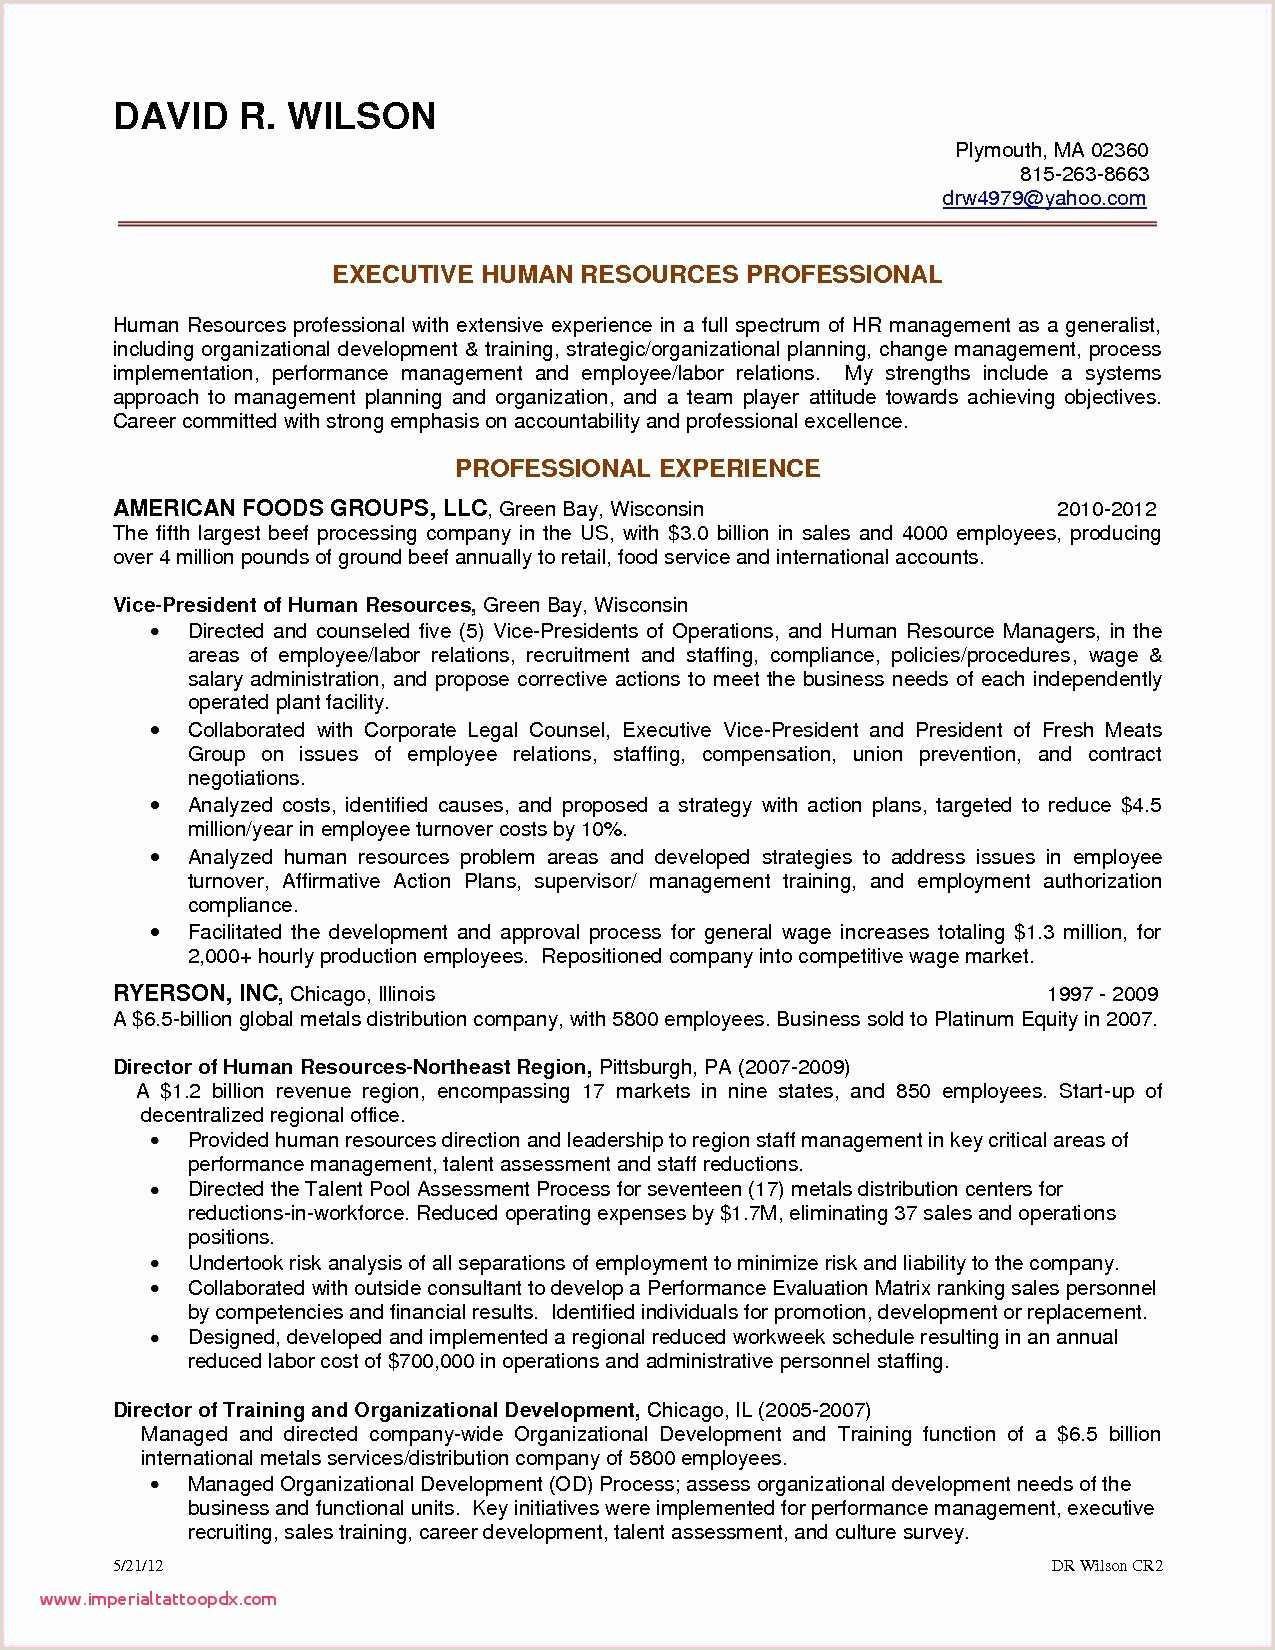 Resume Format For Job Declaration 10 11 Profile Statement For Resume Samples